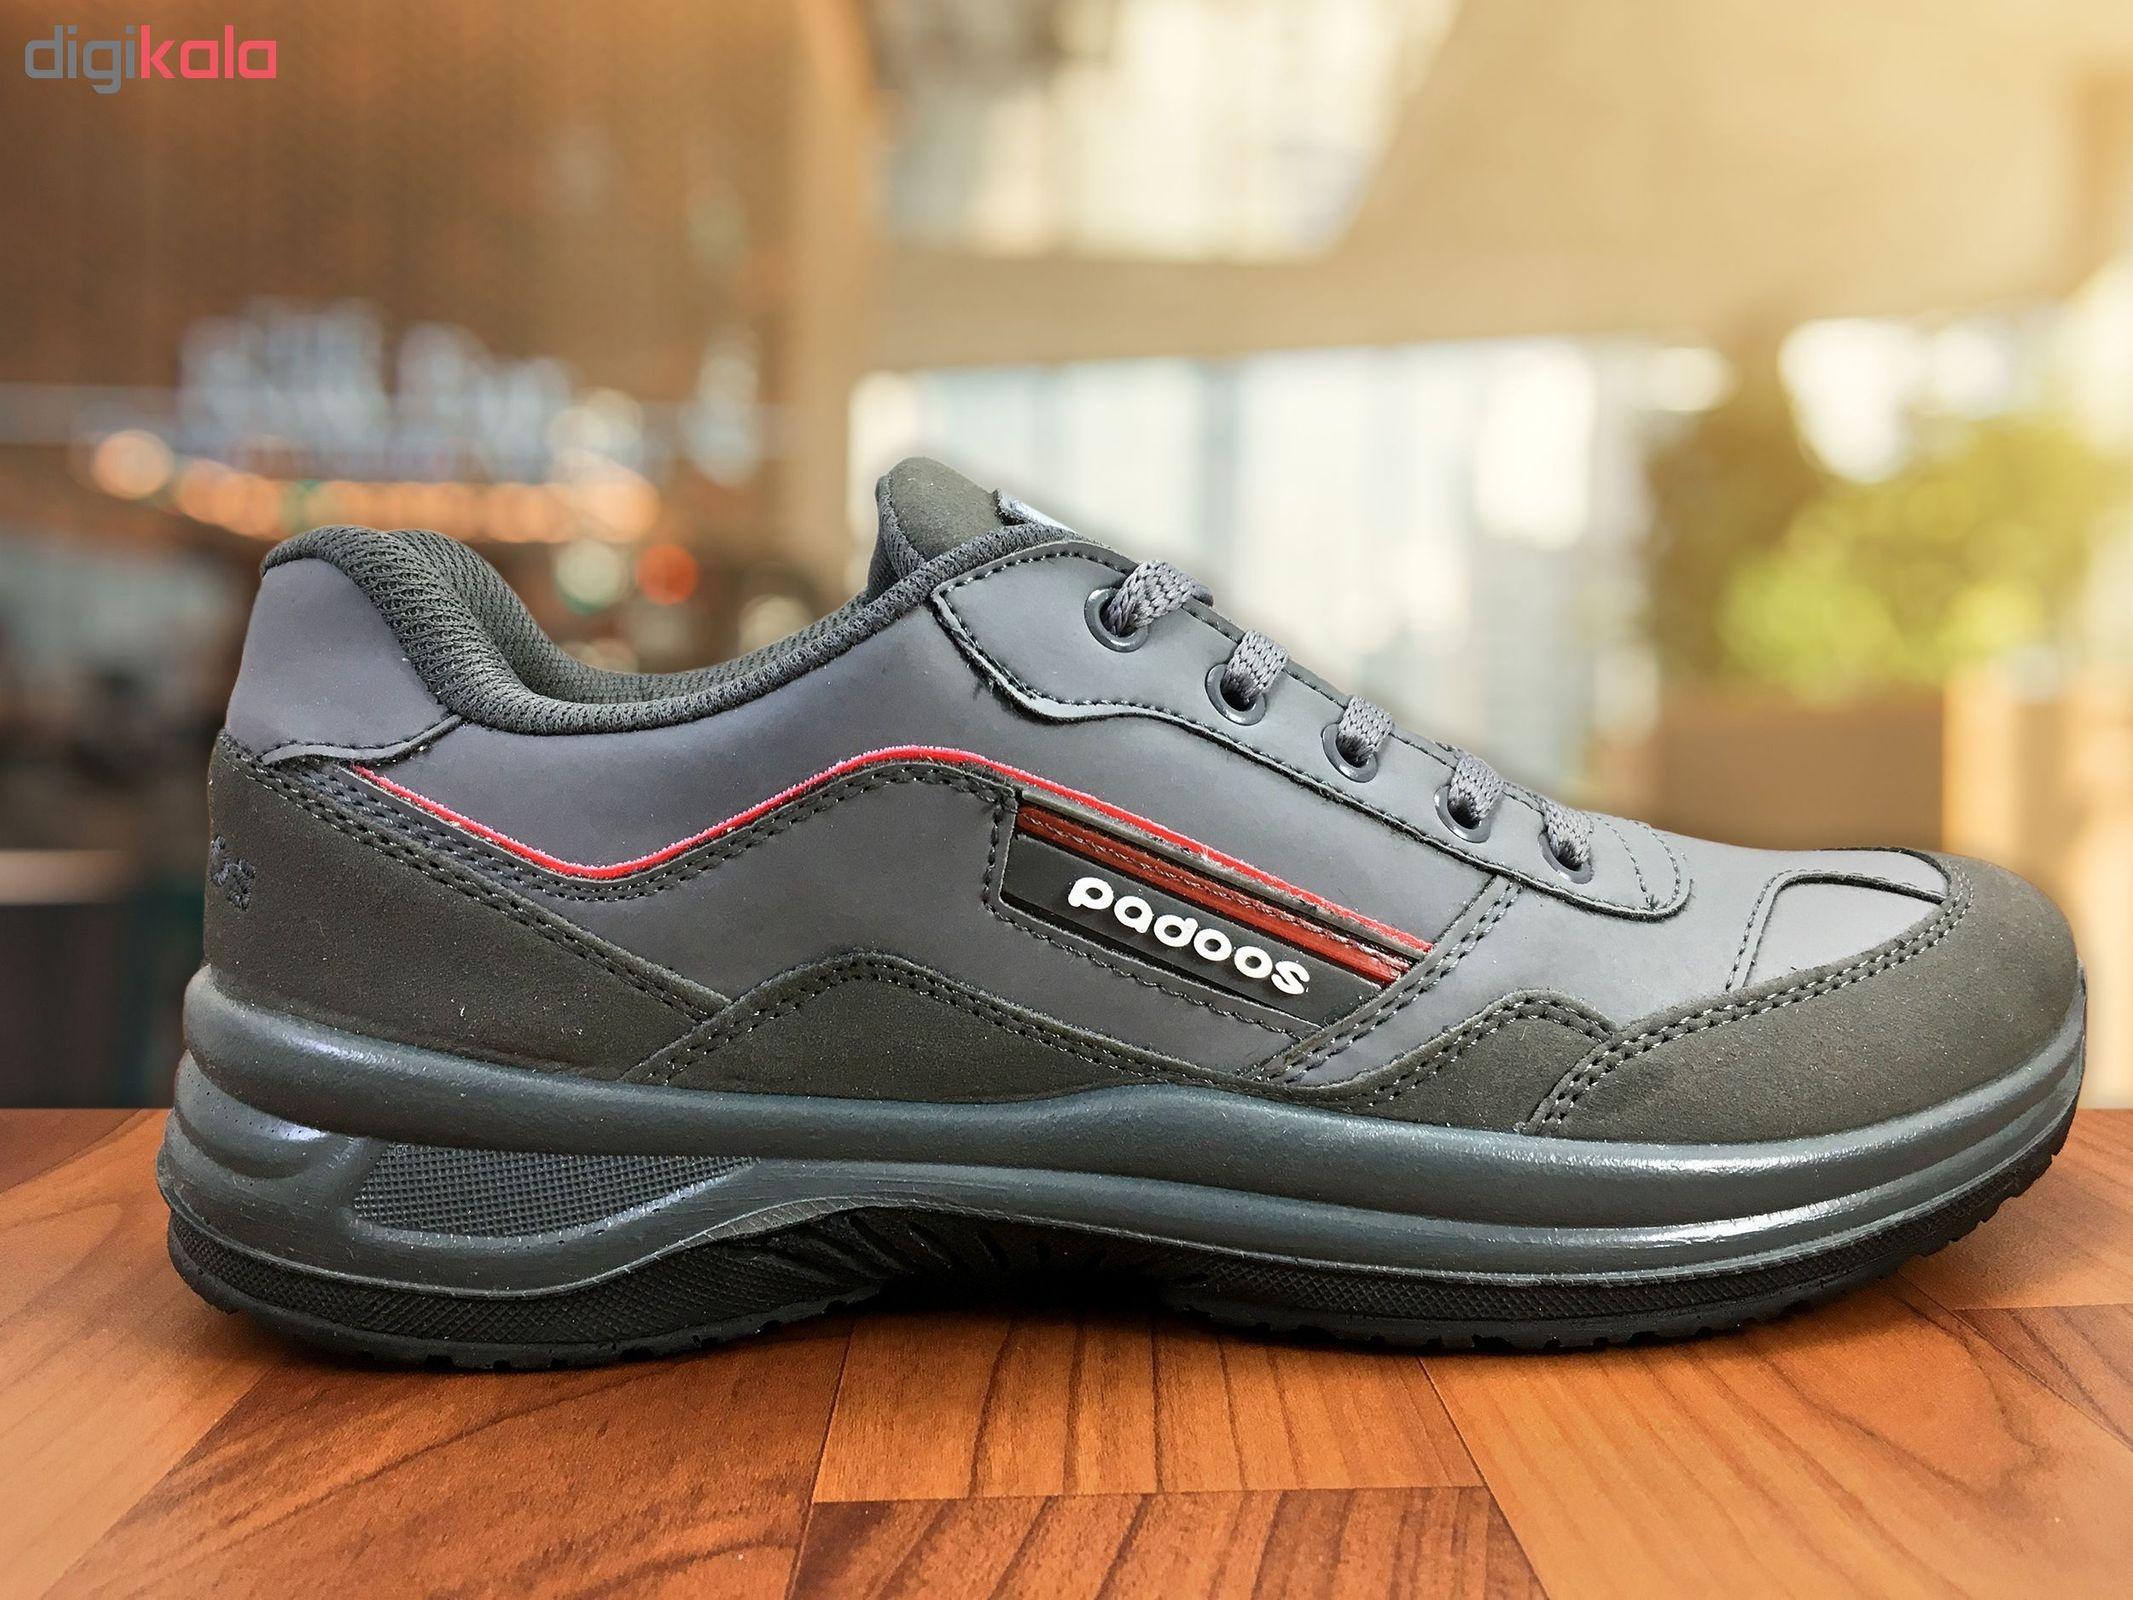 کفش مخصوص پیاده روی مردانه پادوس کد 3683 main 1 2